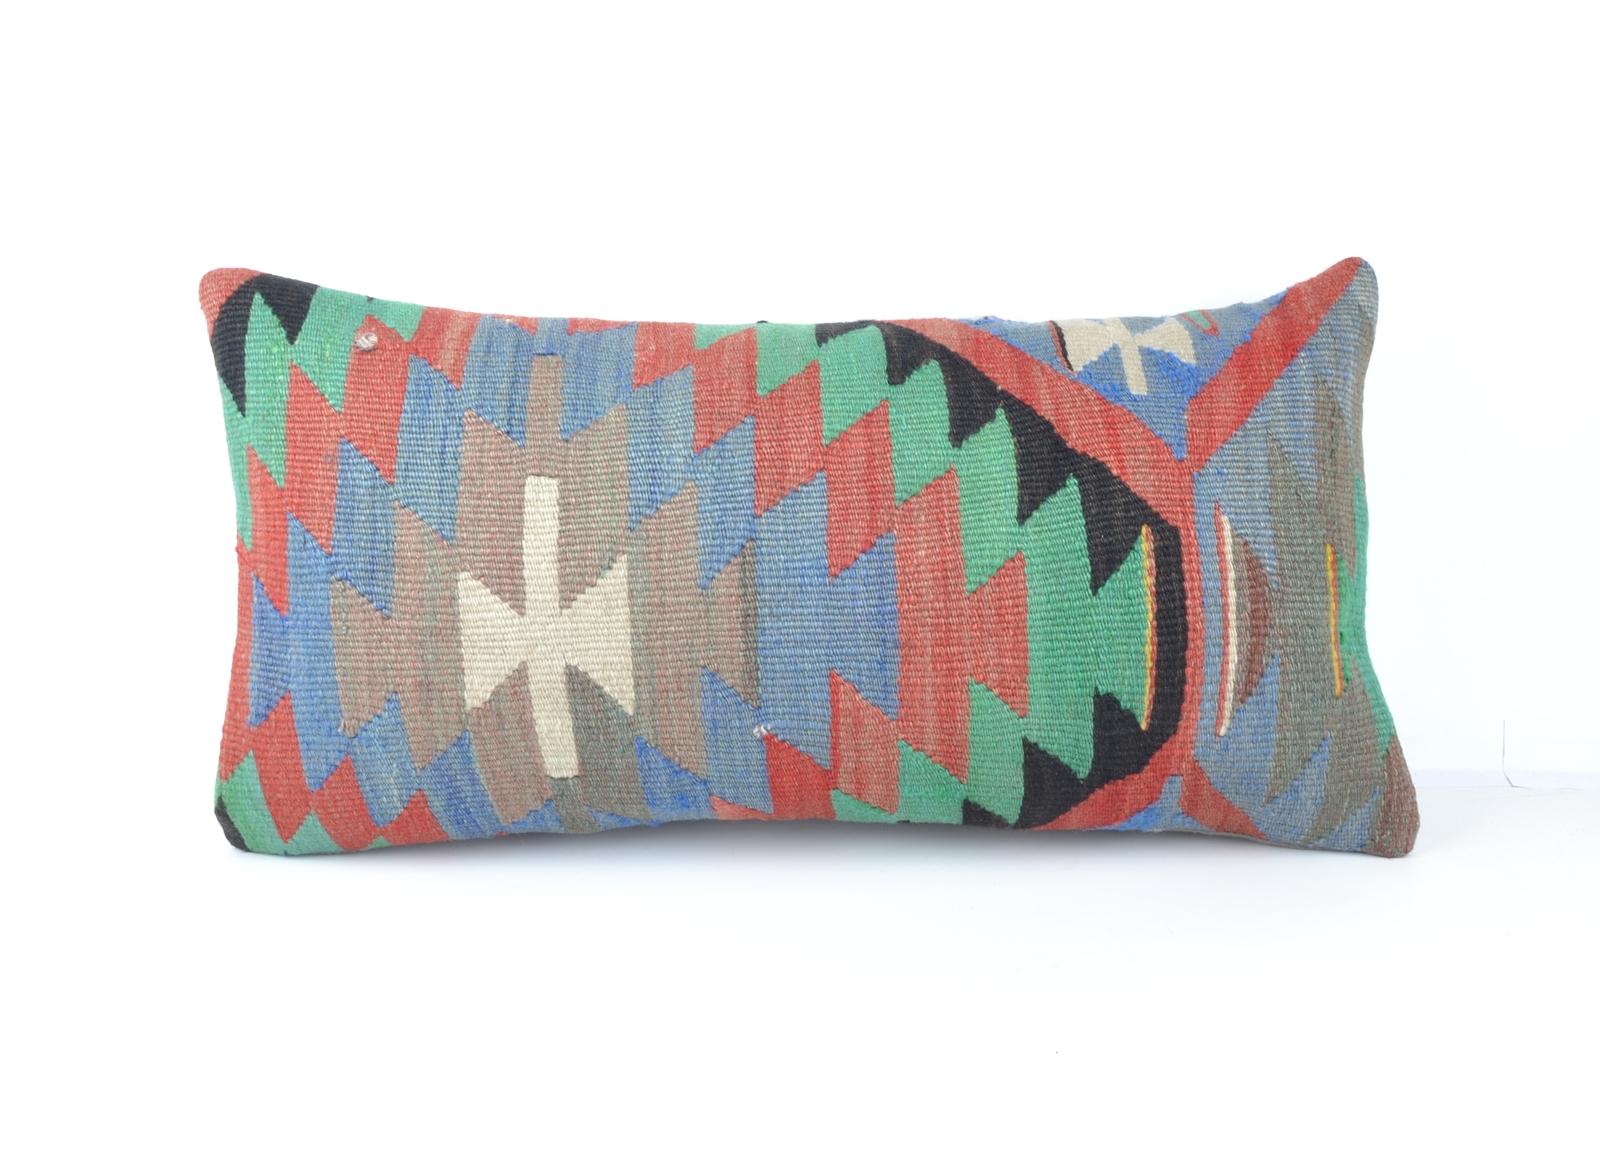 Vintage Chic Home Decor, Kilim Lumbar Pillow Case, Bolster Throw Cushion 24x12